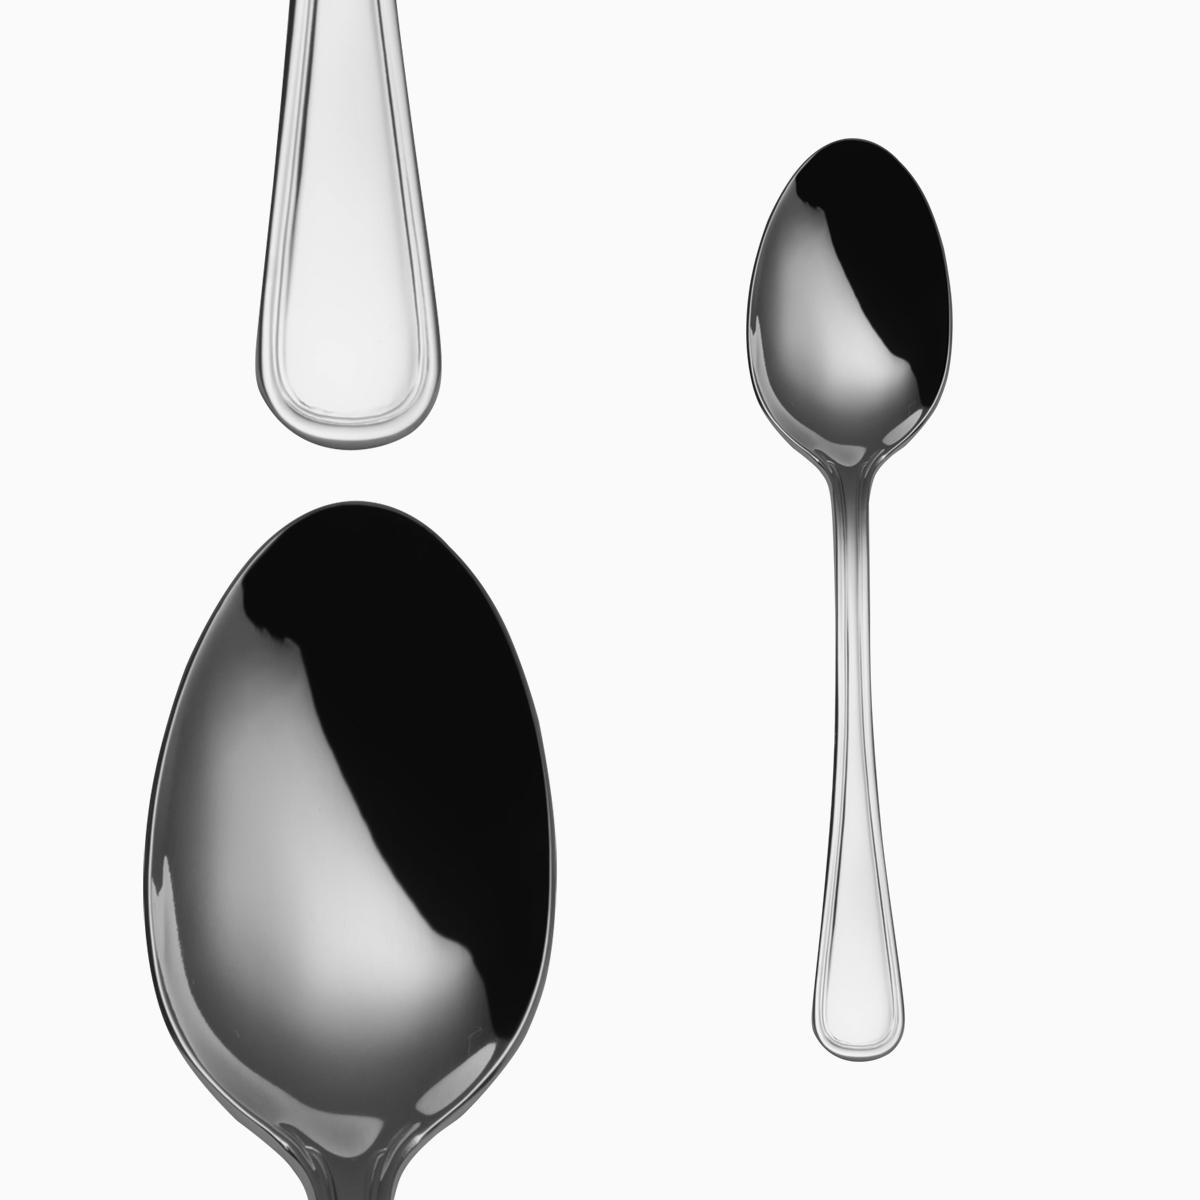 Table spoon - Avalon CNS